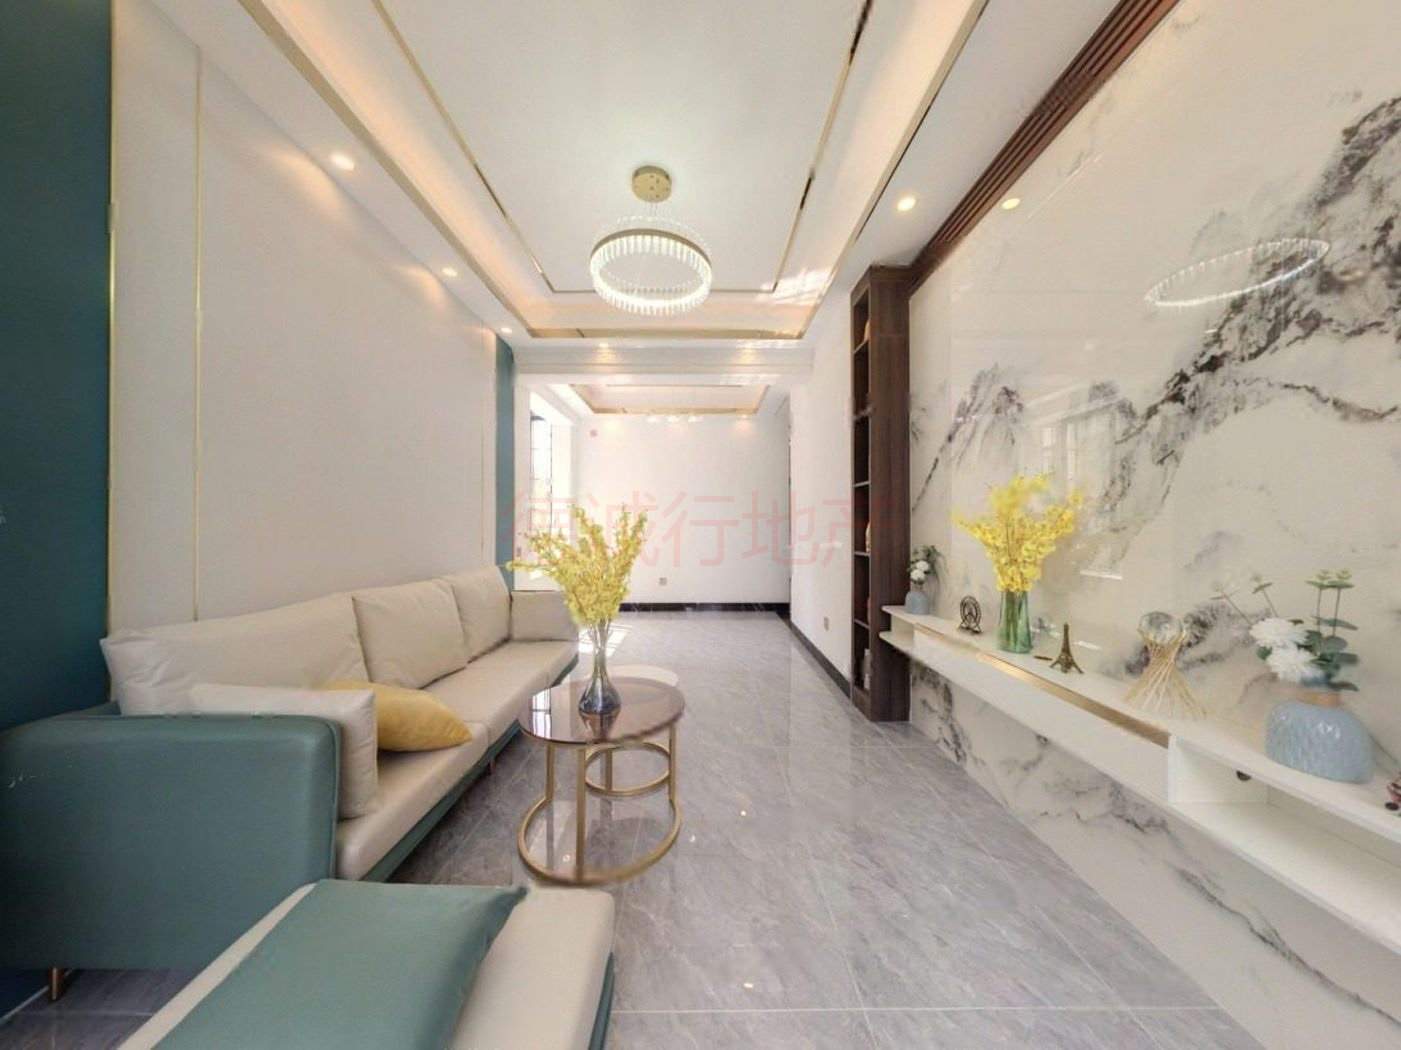 赤岗西横二街3室1厅1卫东北朝向仅245万元